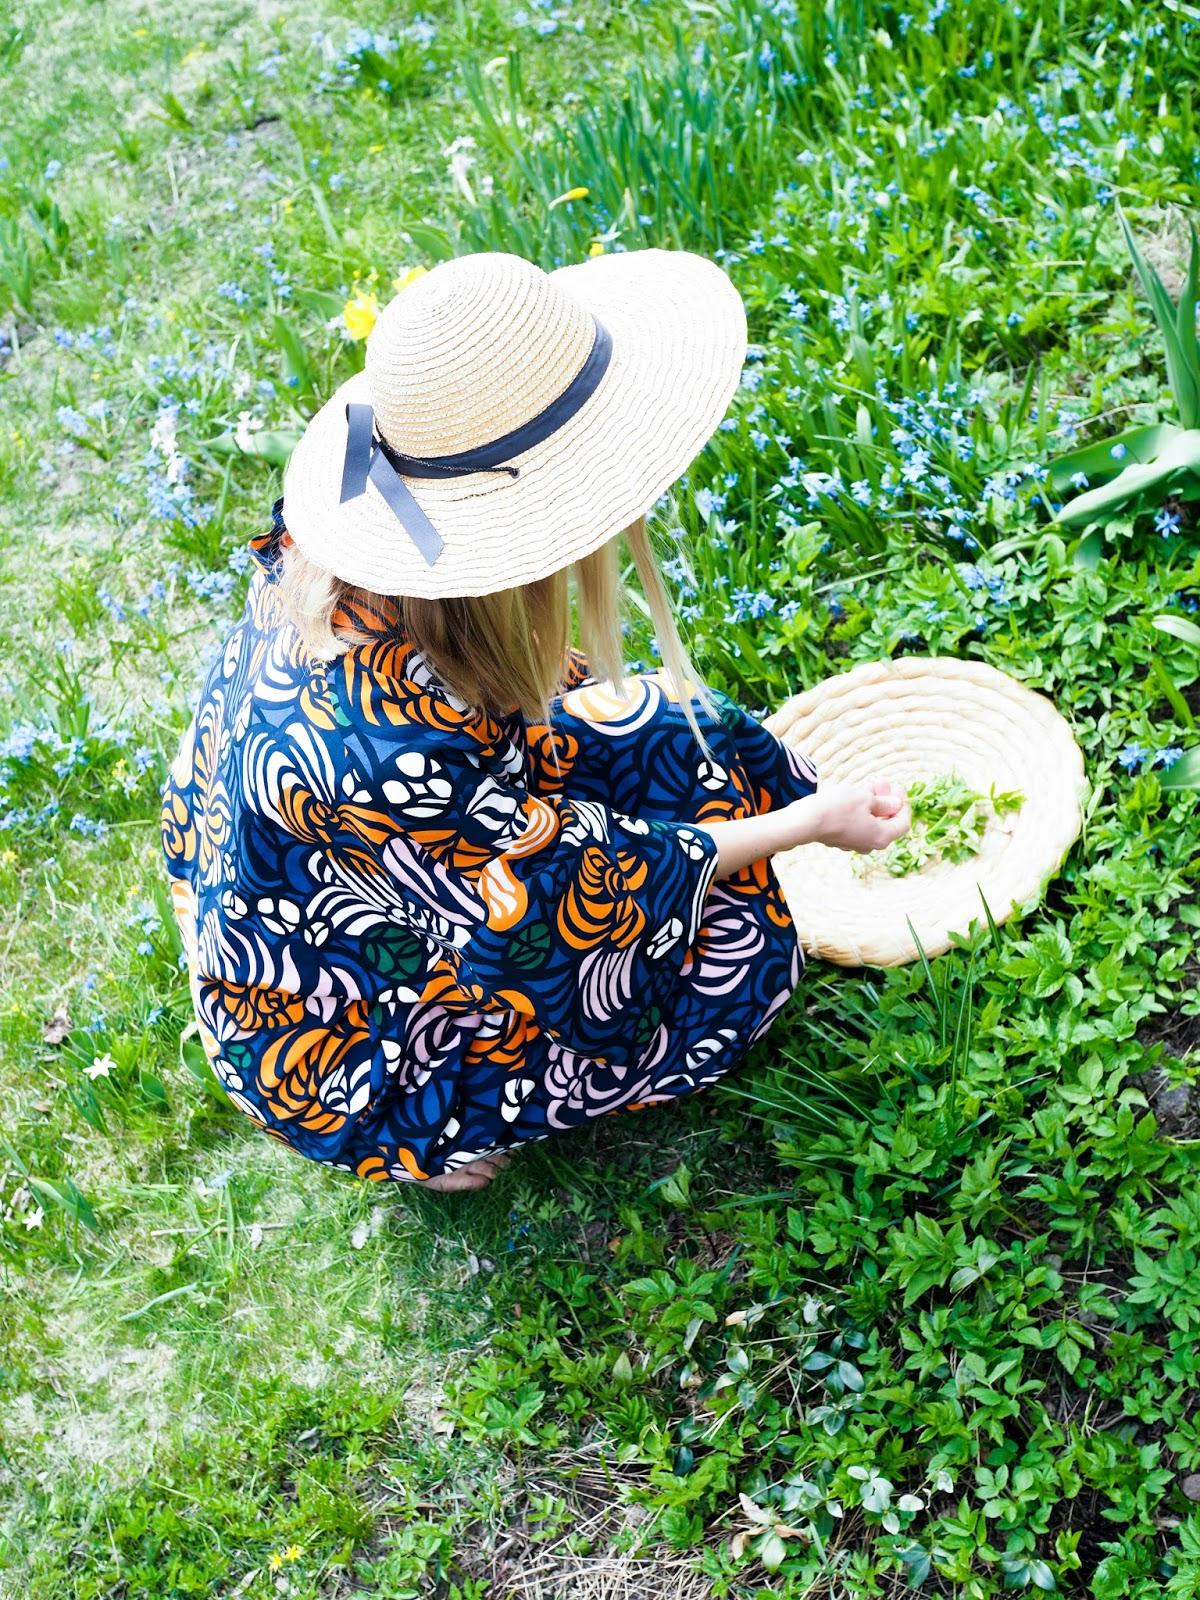 villiyrtit, villivihannesten poimiminen, vuohenputki, villivihannespesto, villiyrttipesto, Marimekko kaftaani, äitienpäivä